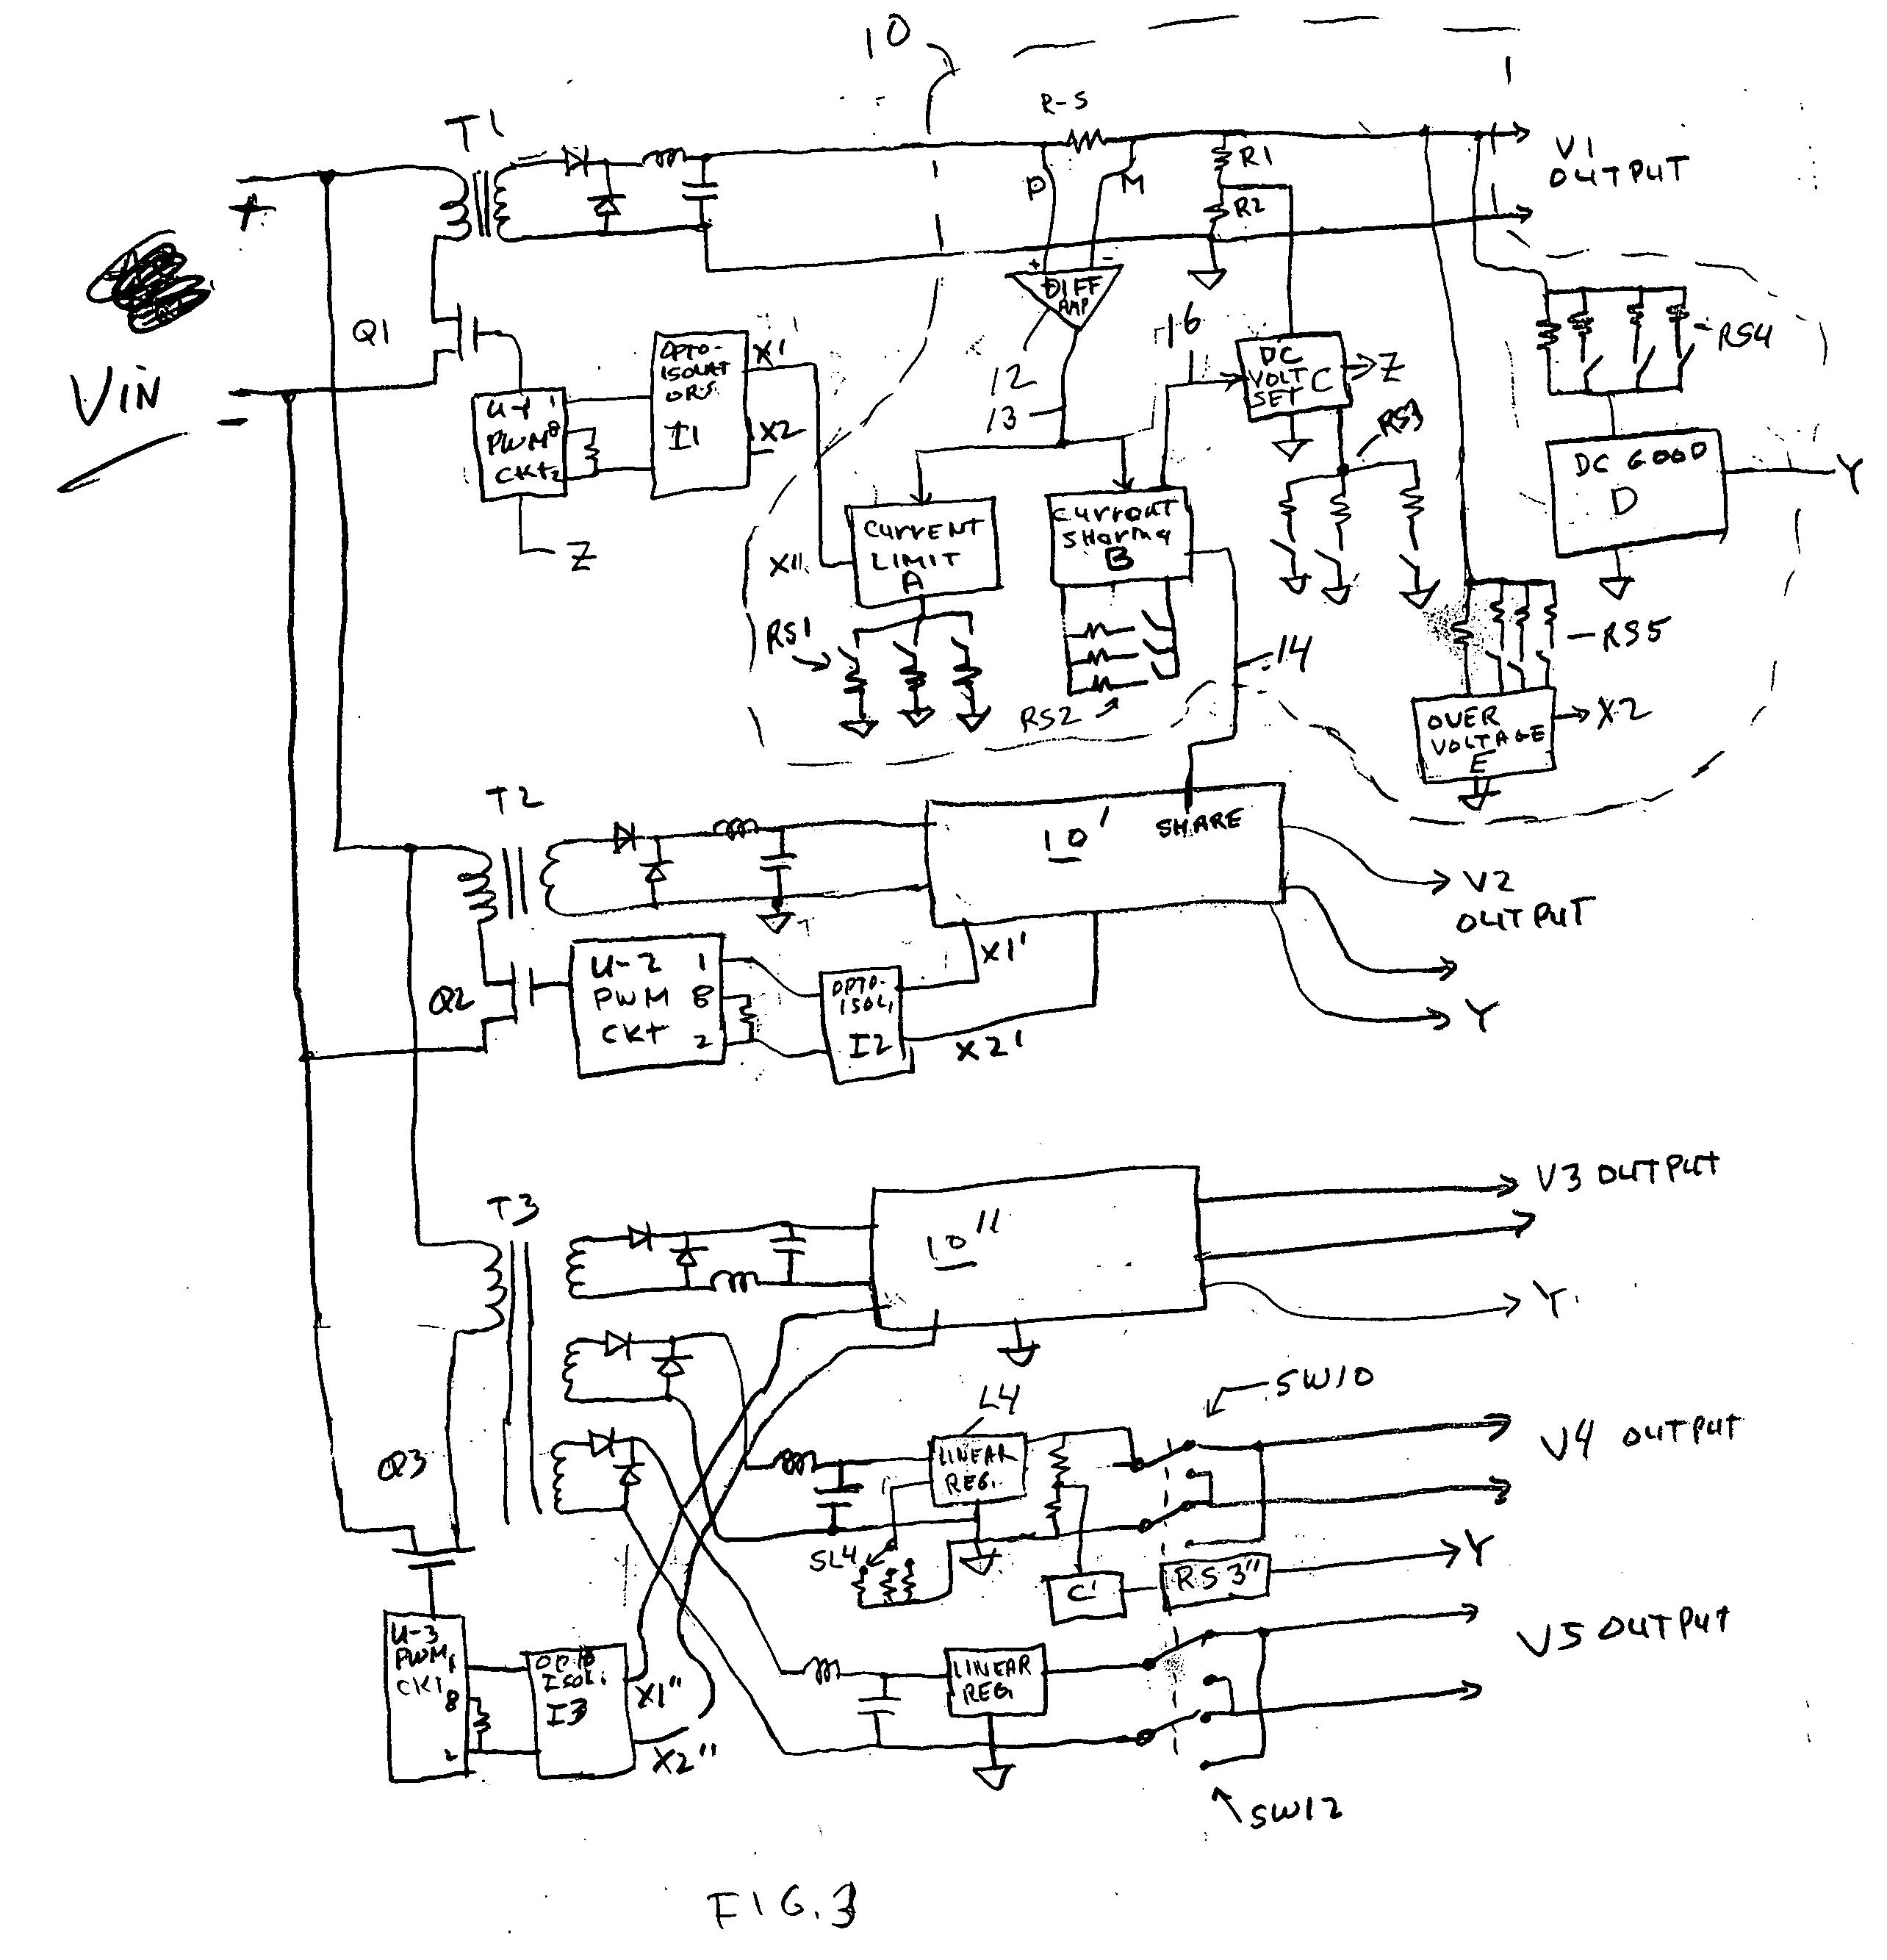 Astec power supply schematics / Price of gold in inr